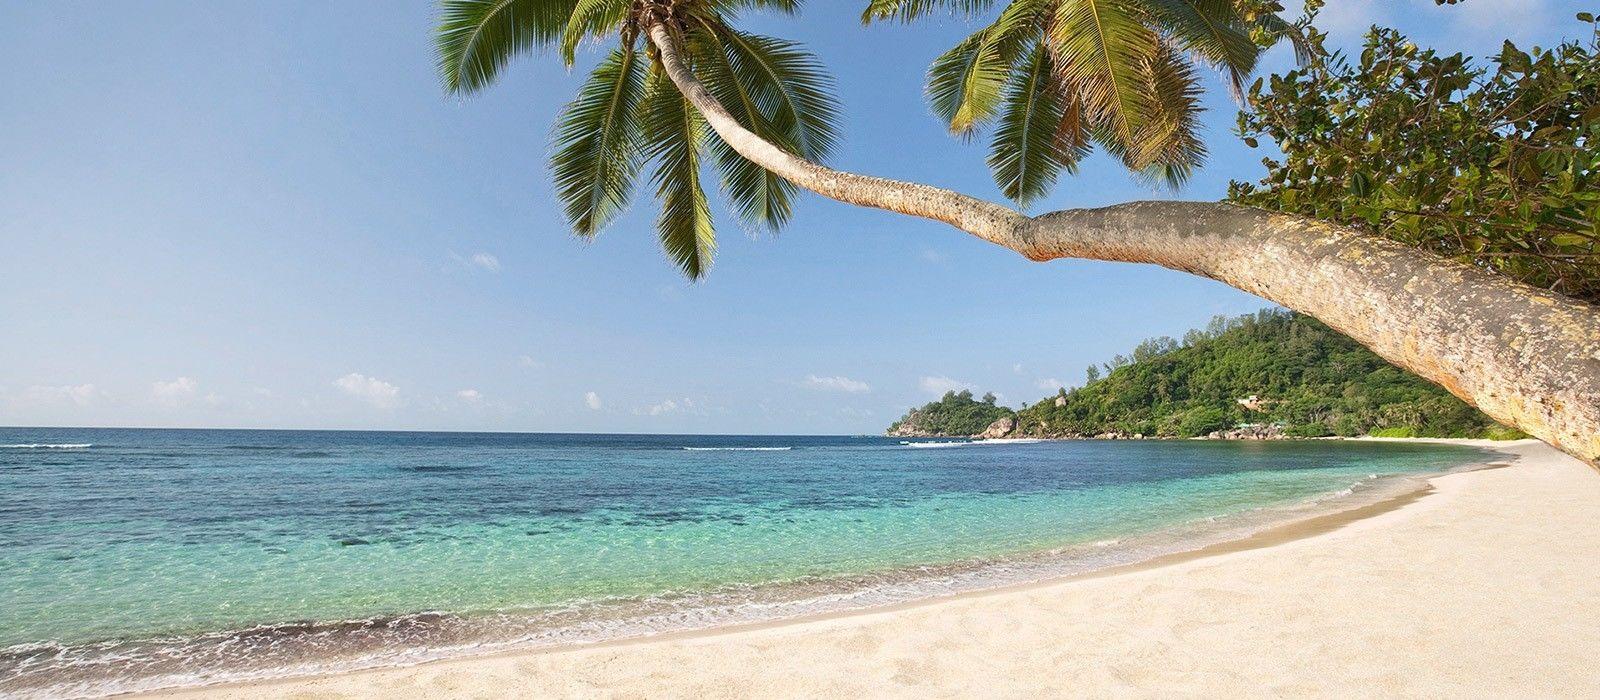 Seychellen: Höhepunkte des Inselparadieses Urlaub 2